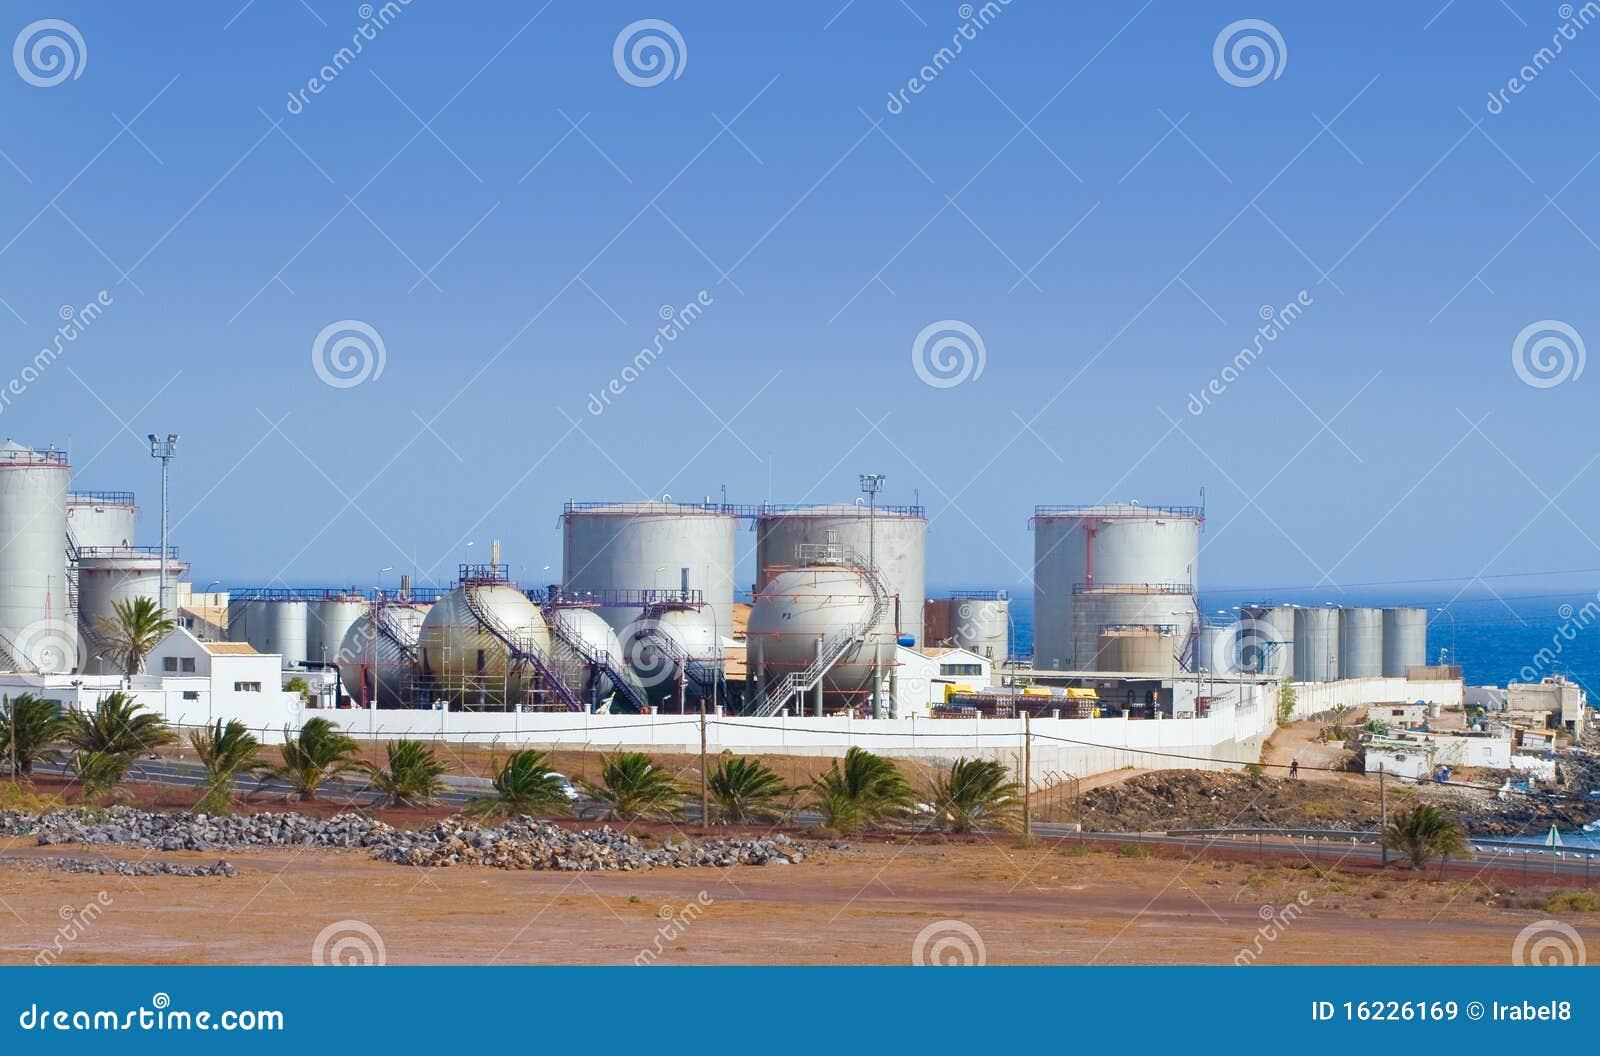 Desalination Plant stock image  Image of corrugated